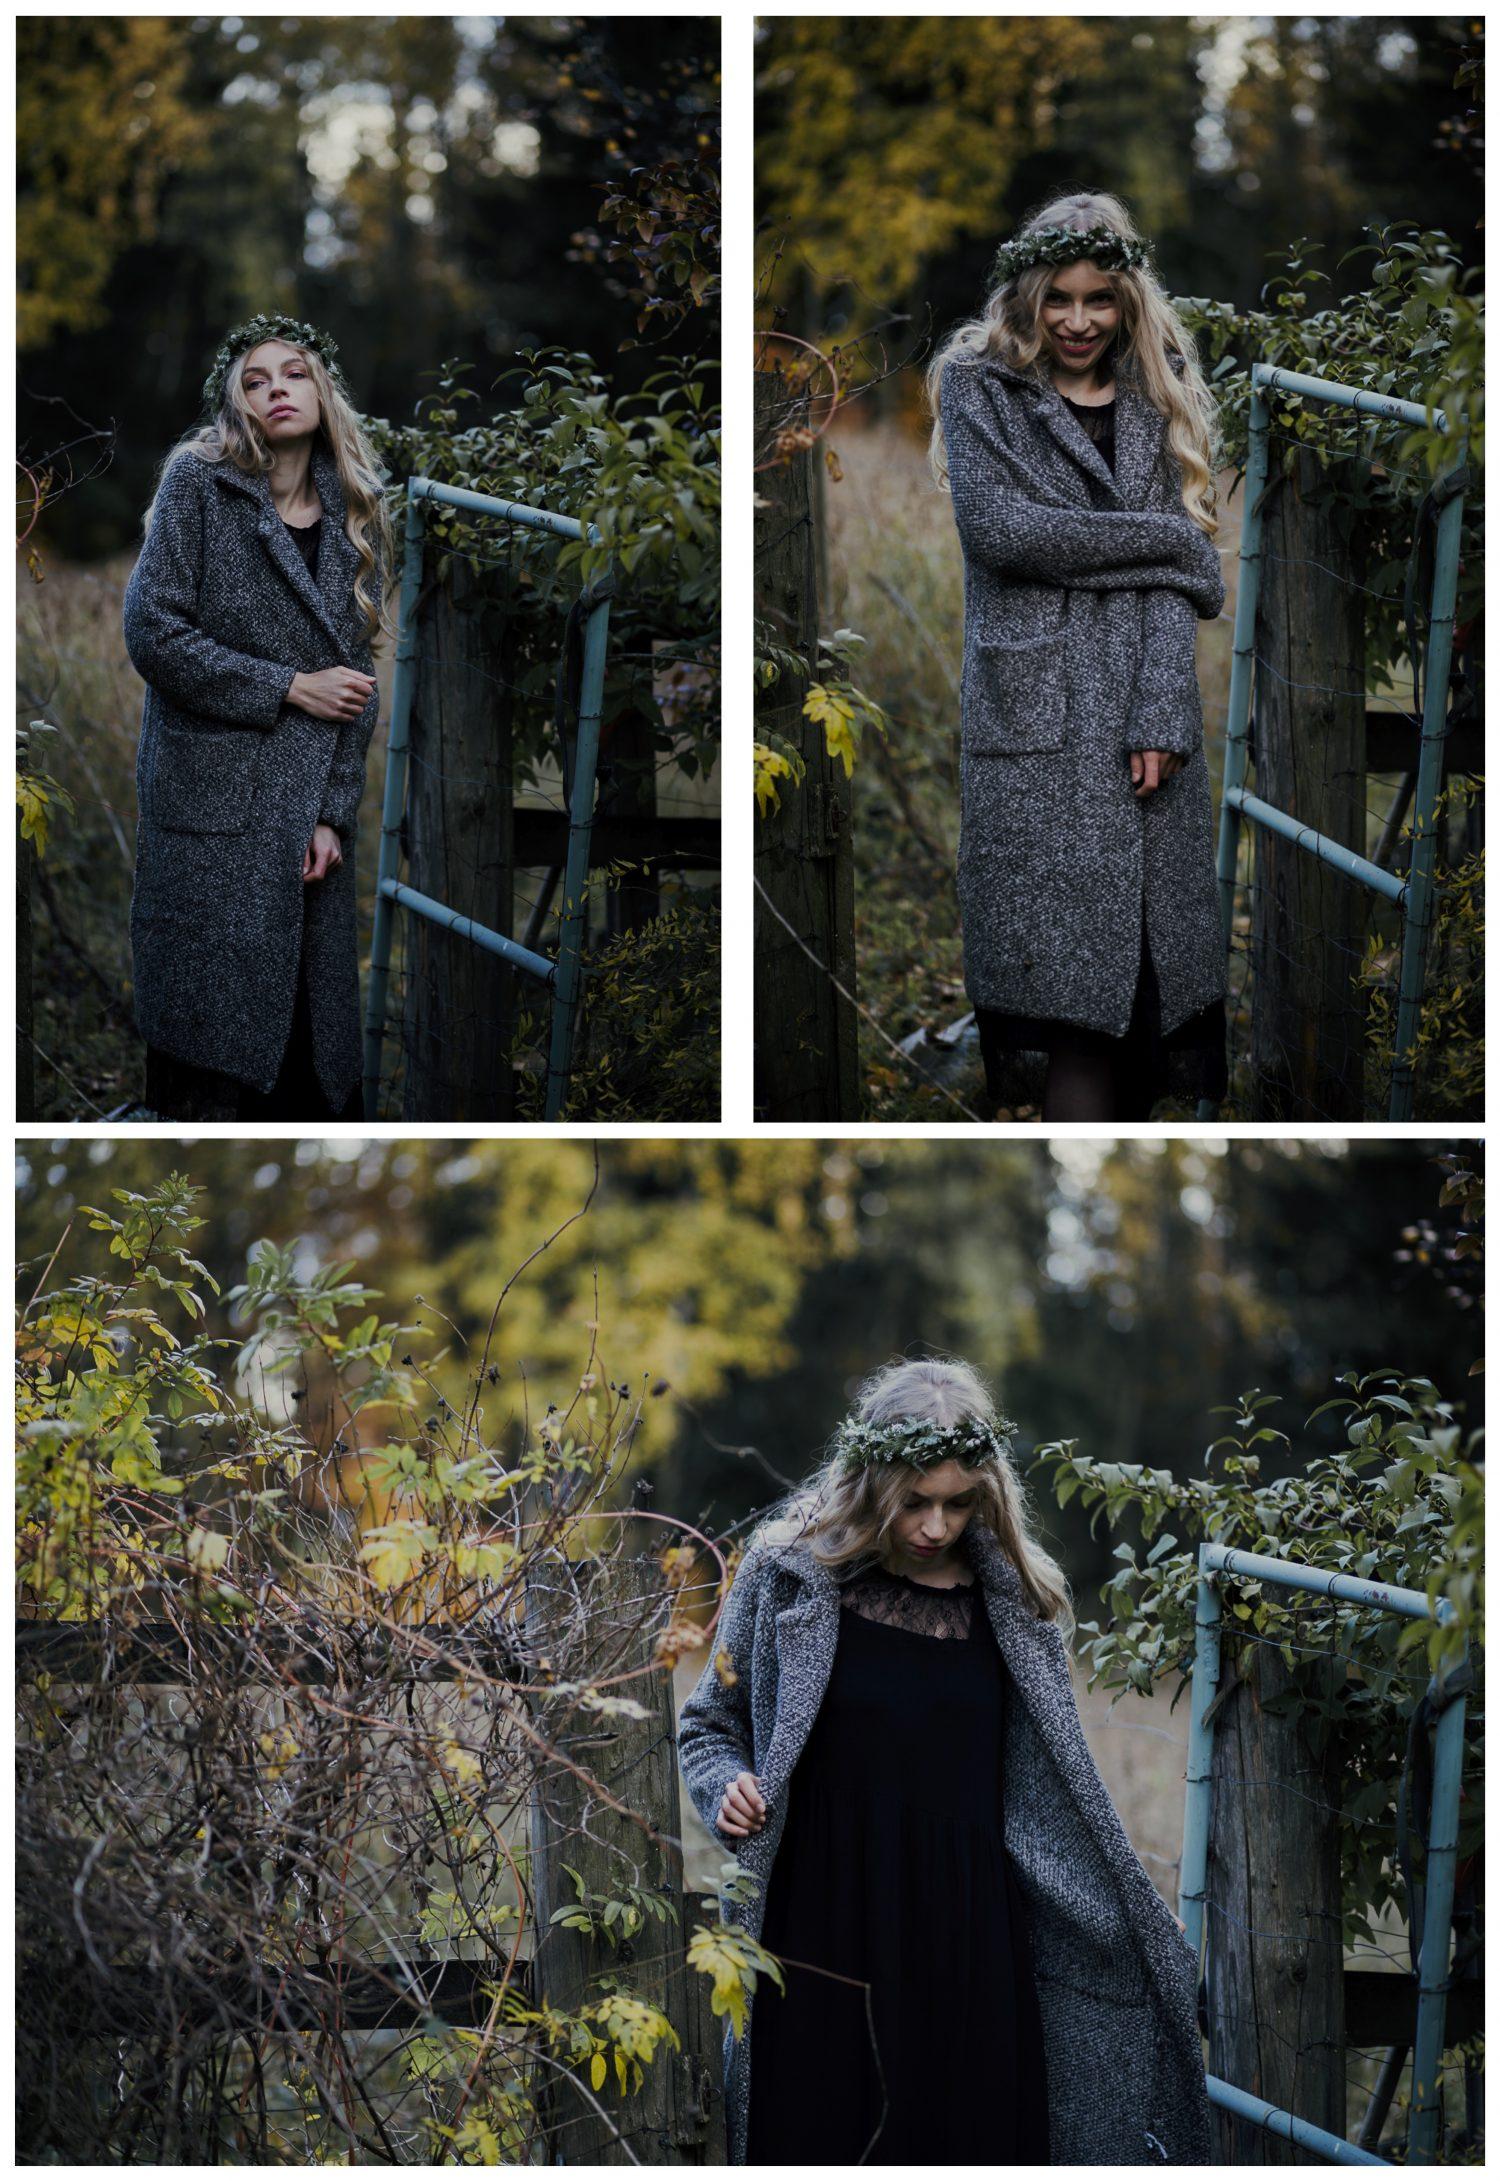 studio kreatywne lanuka sesja kobieca kamila 8 e1486030589101 <h2>Sesja kobieca   Kamila Czarodziejka z Leśnych Opowieści</h2>